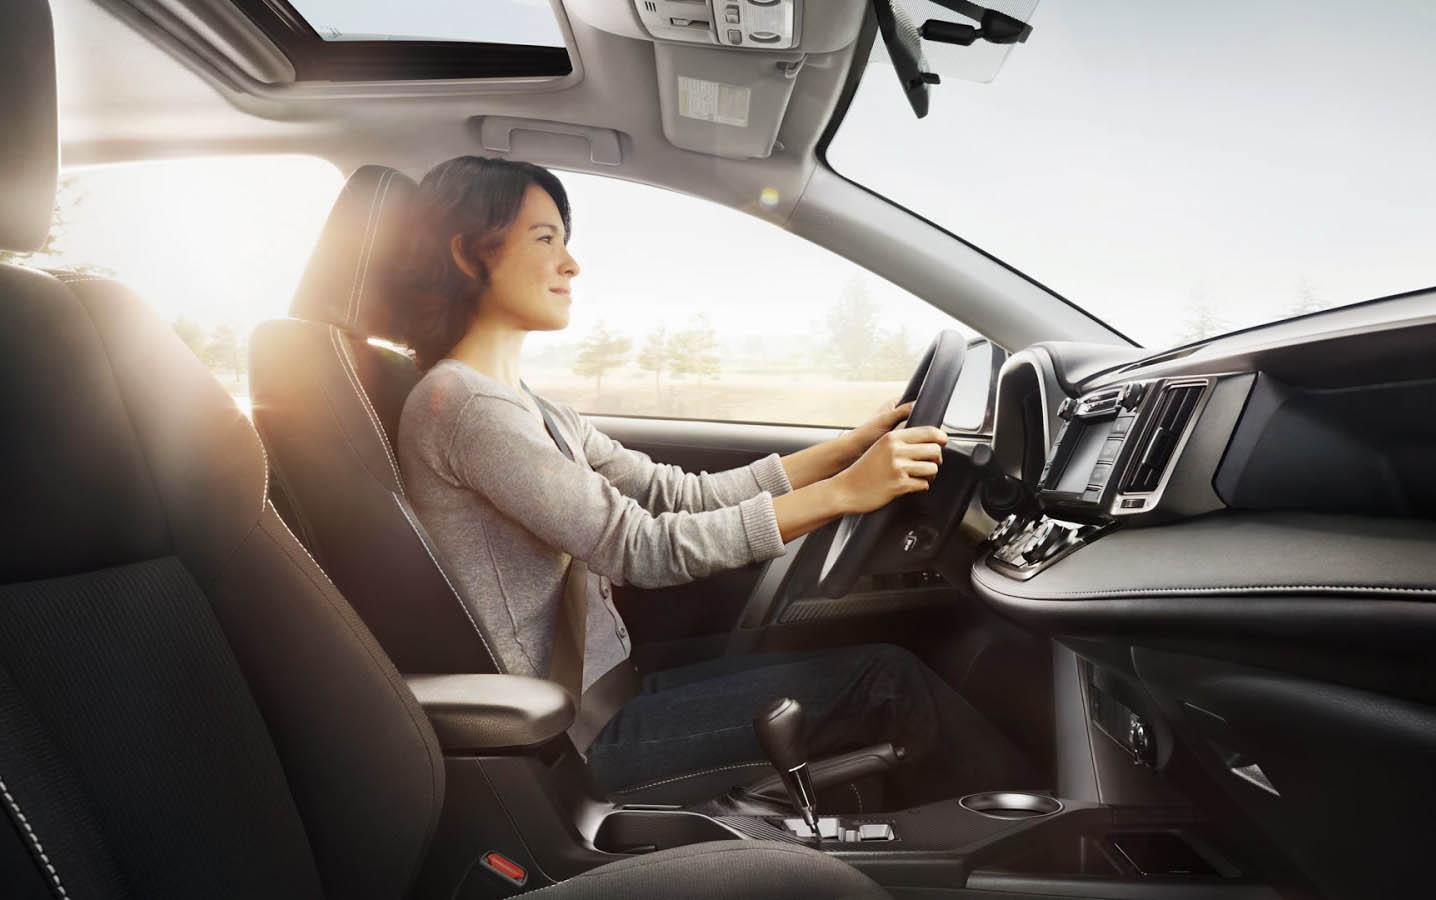 Nội thất của ô tô luôn sạch và thơm mát với 5 mẹo nhỏ